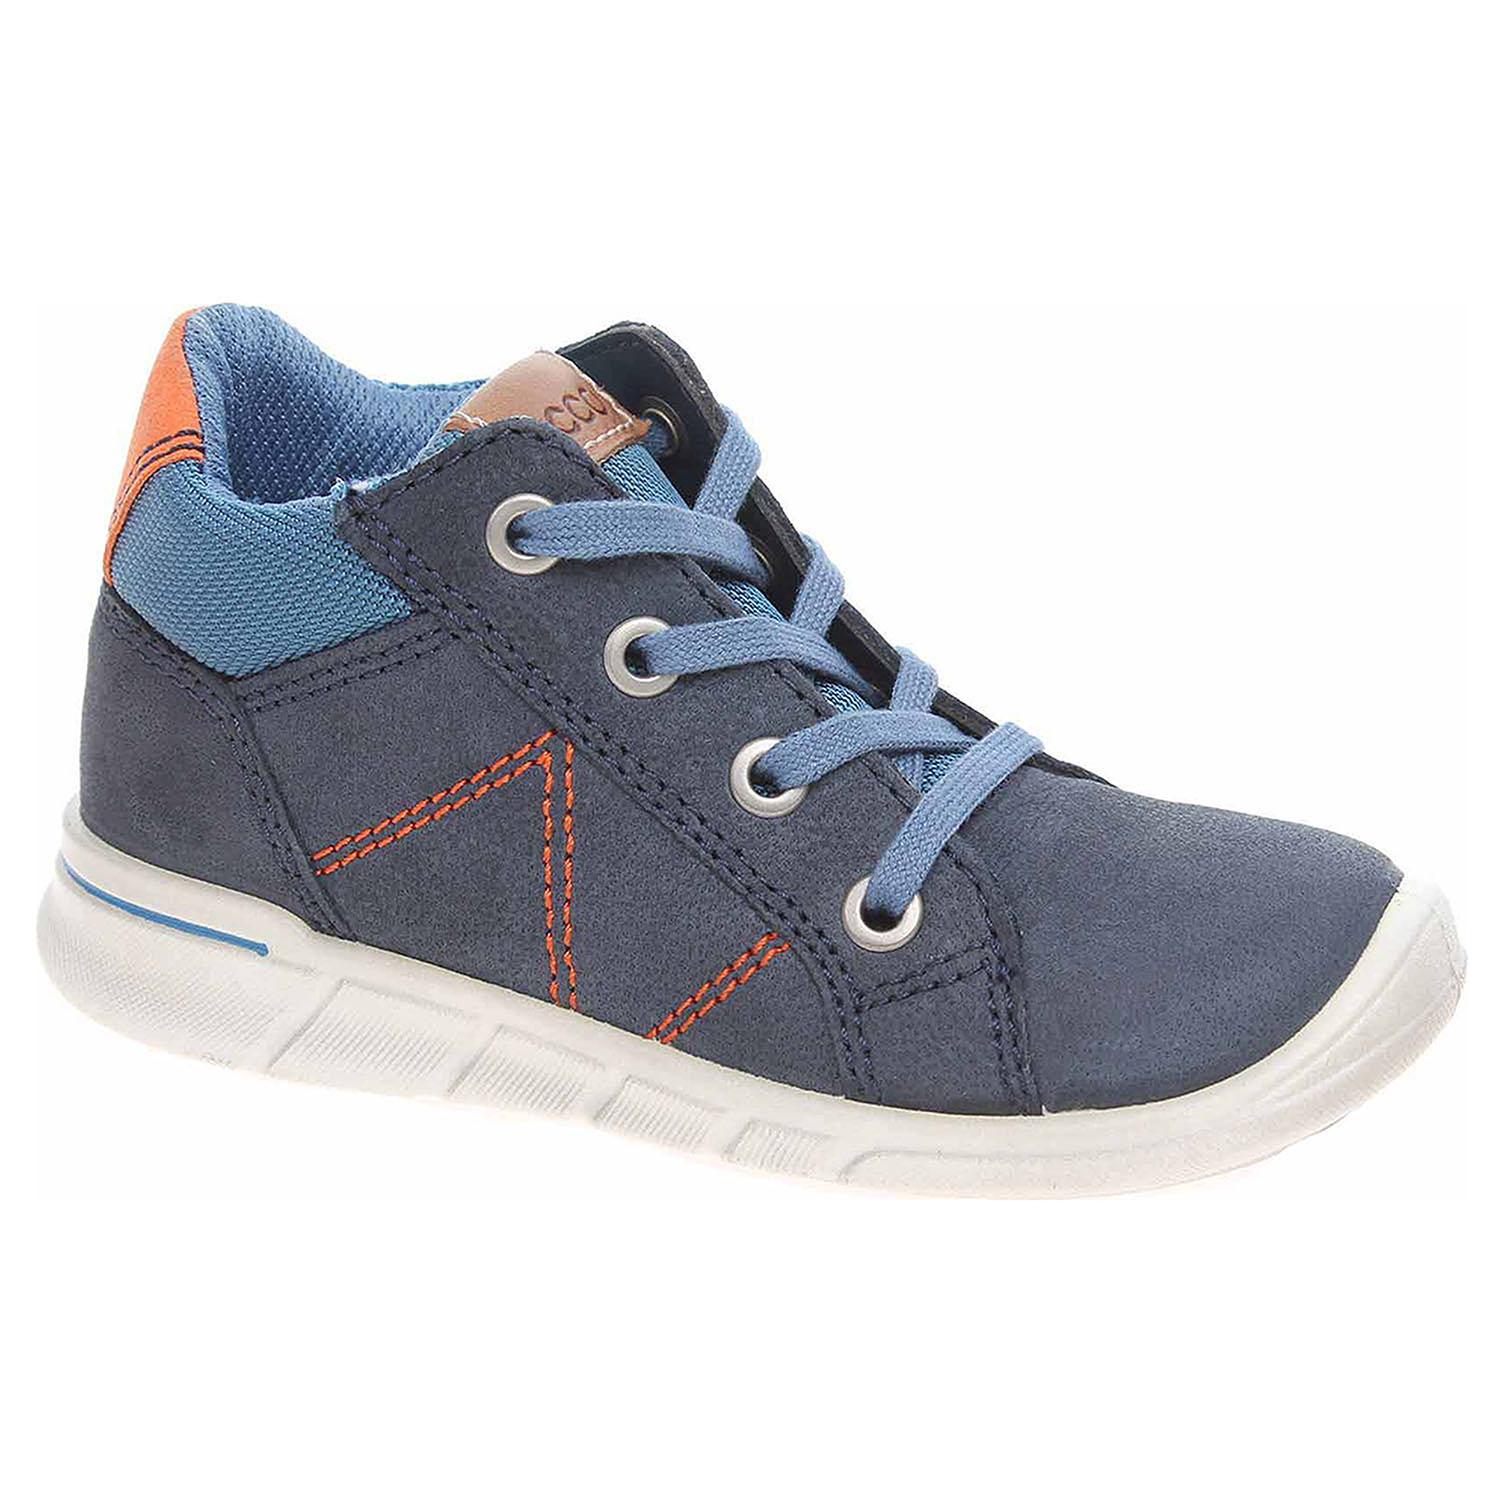 Chlapecká kotníková obuv Ecco First 75409111038 marine 75409111038 22